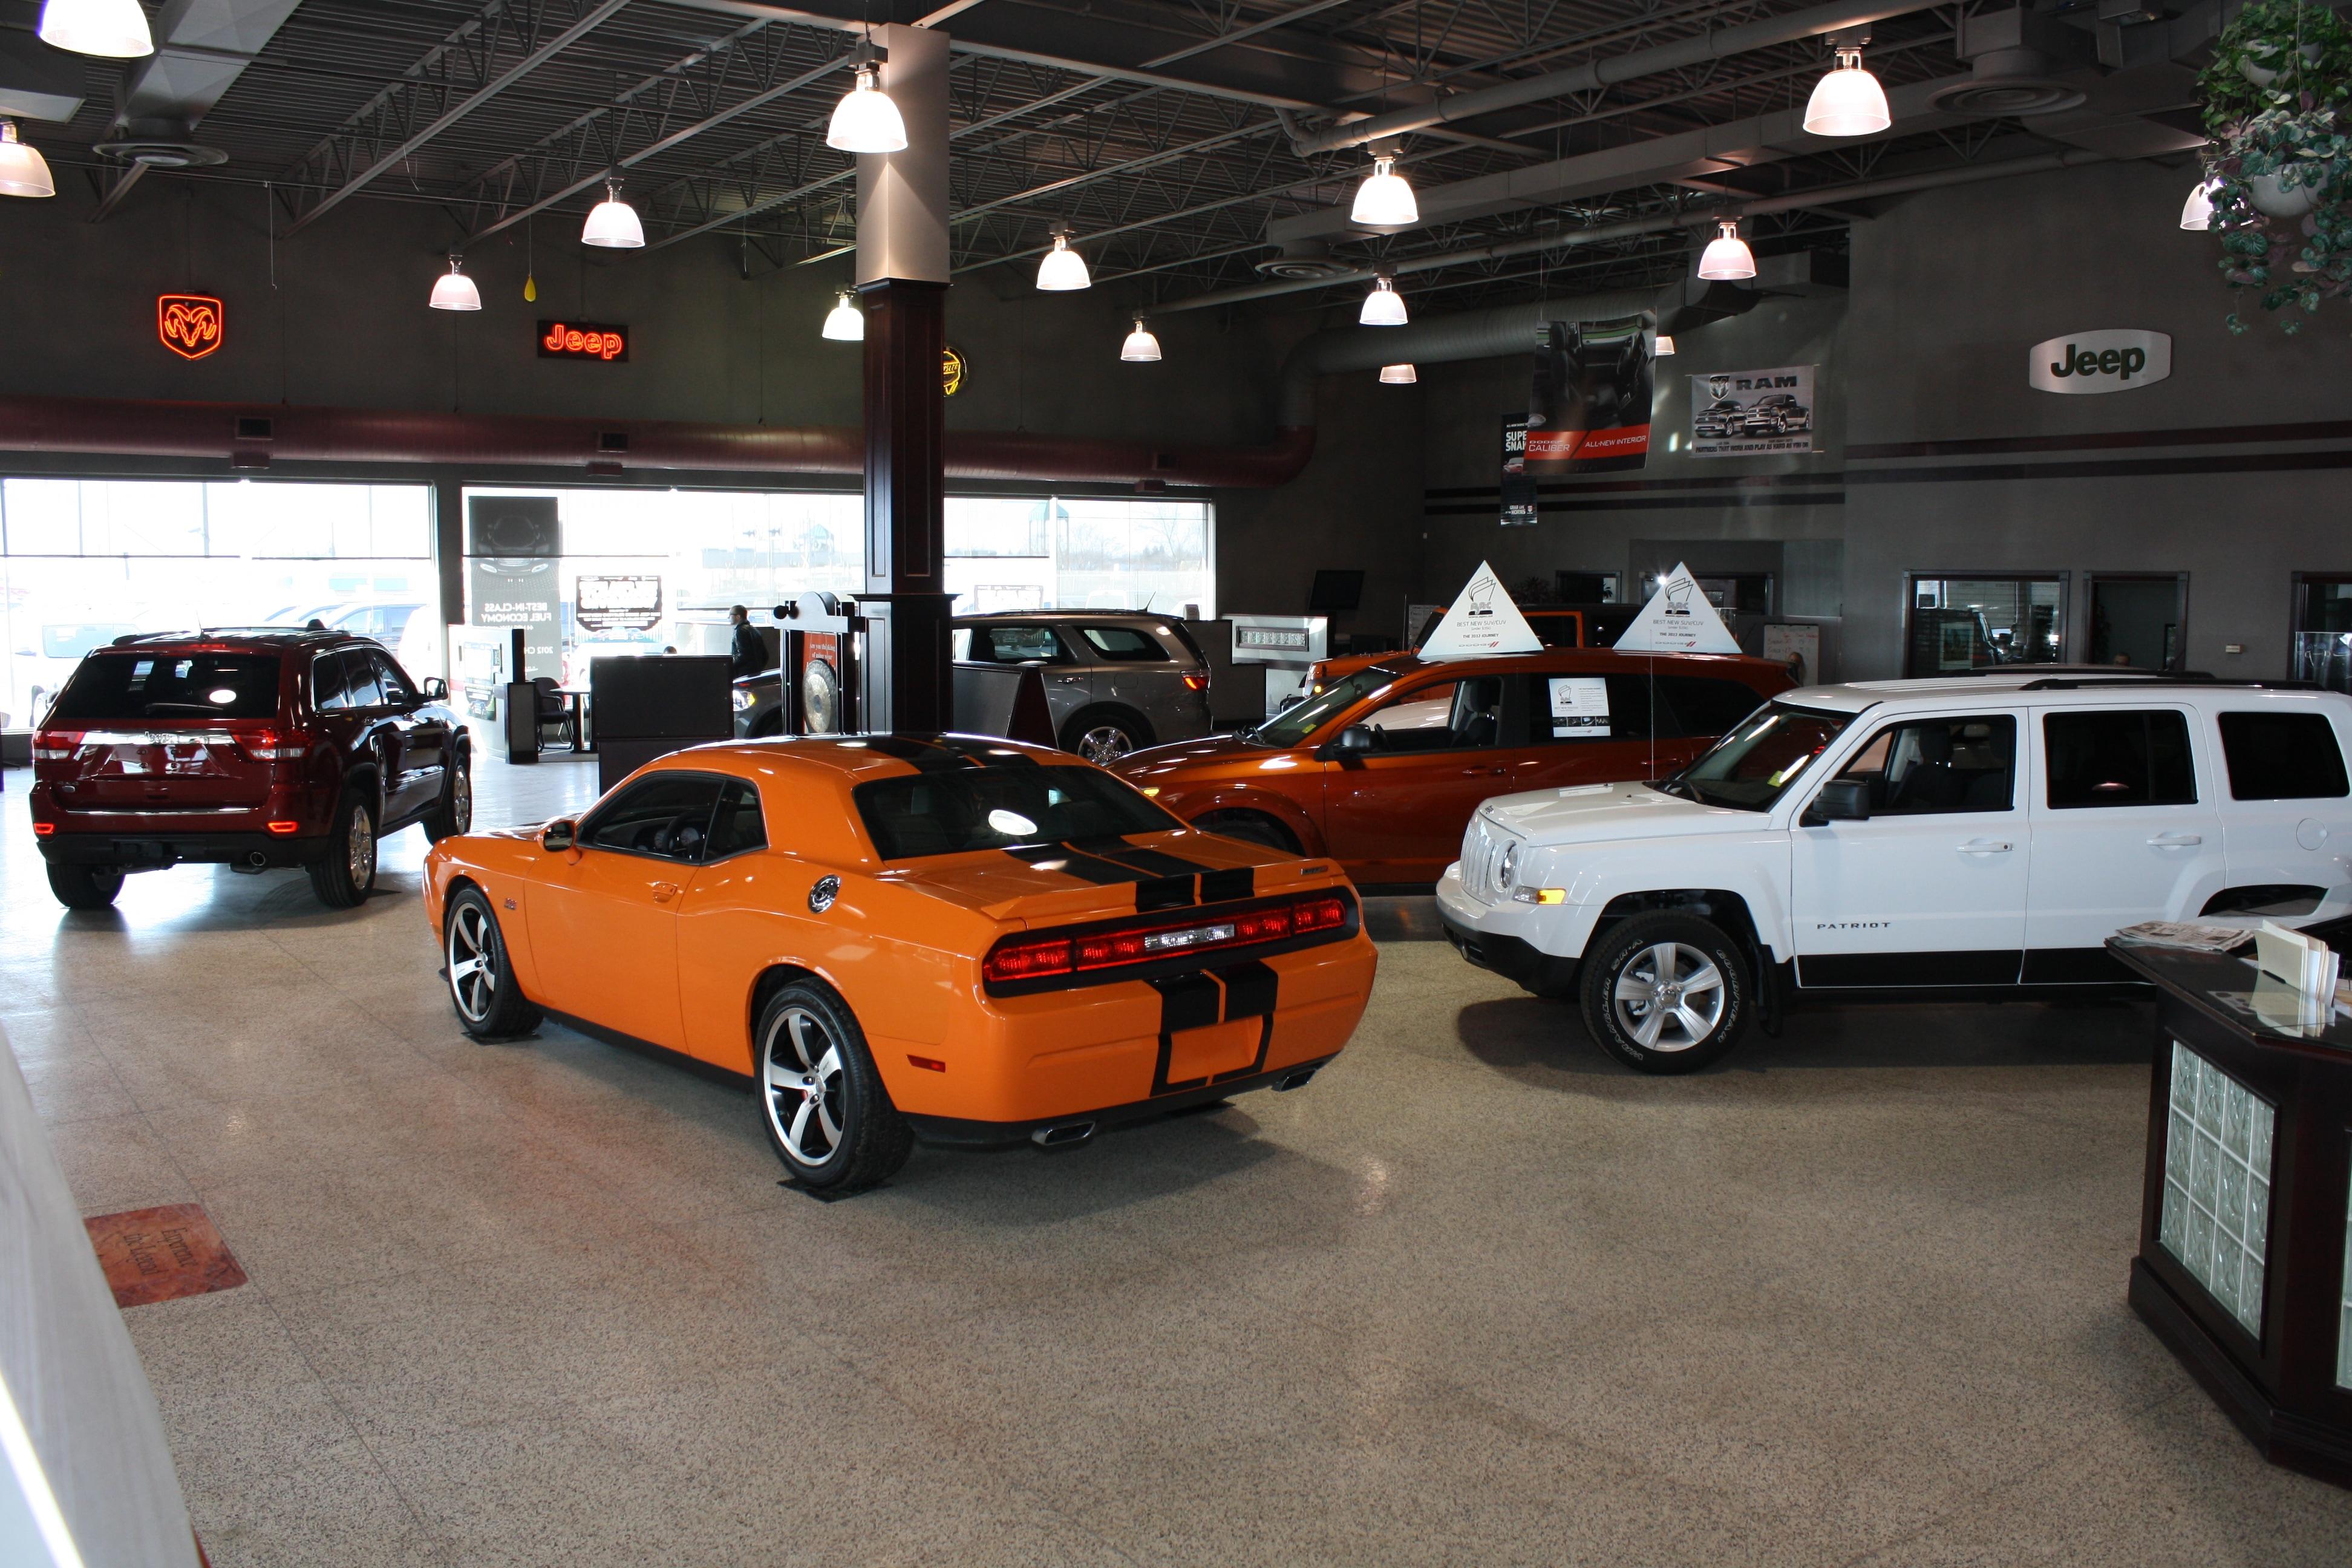 crestview chrysler dodge jeep new chrysler jeep dodge ram dealership in regina sk s4r2p4. Black Bedroom Furniture Sets. Home Design Ideas